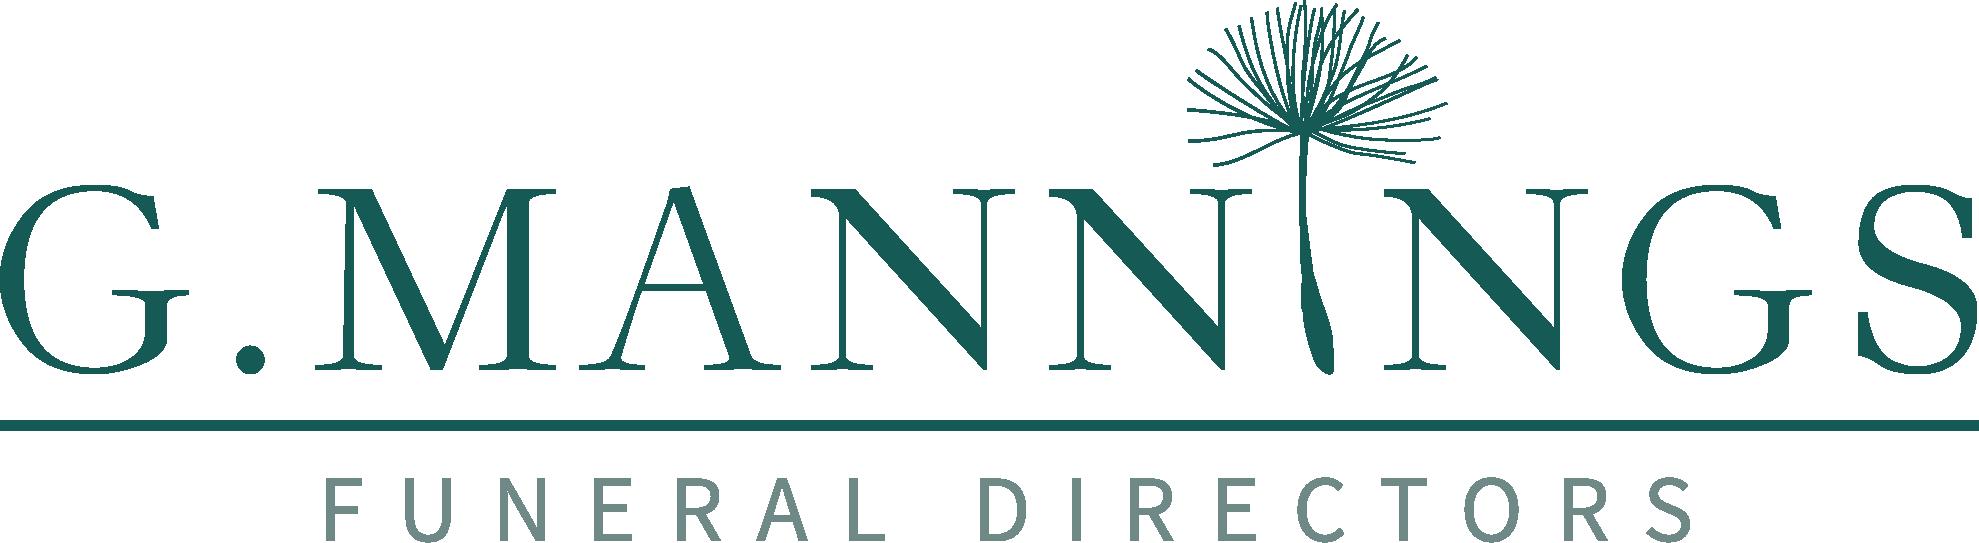 g mannings logo